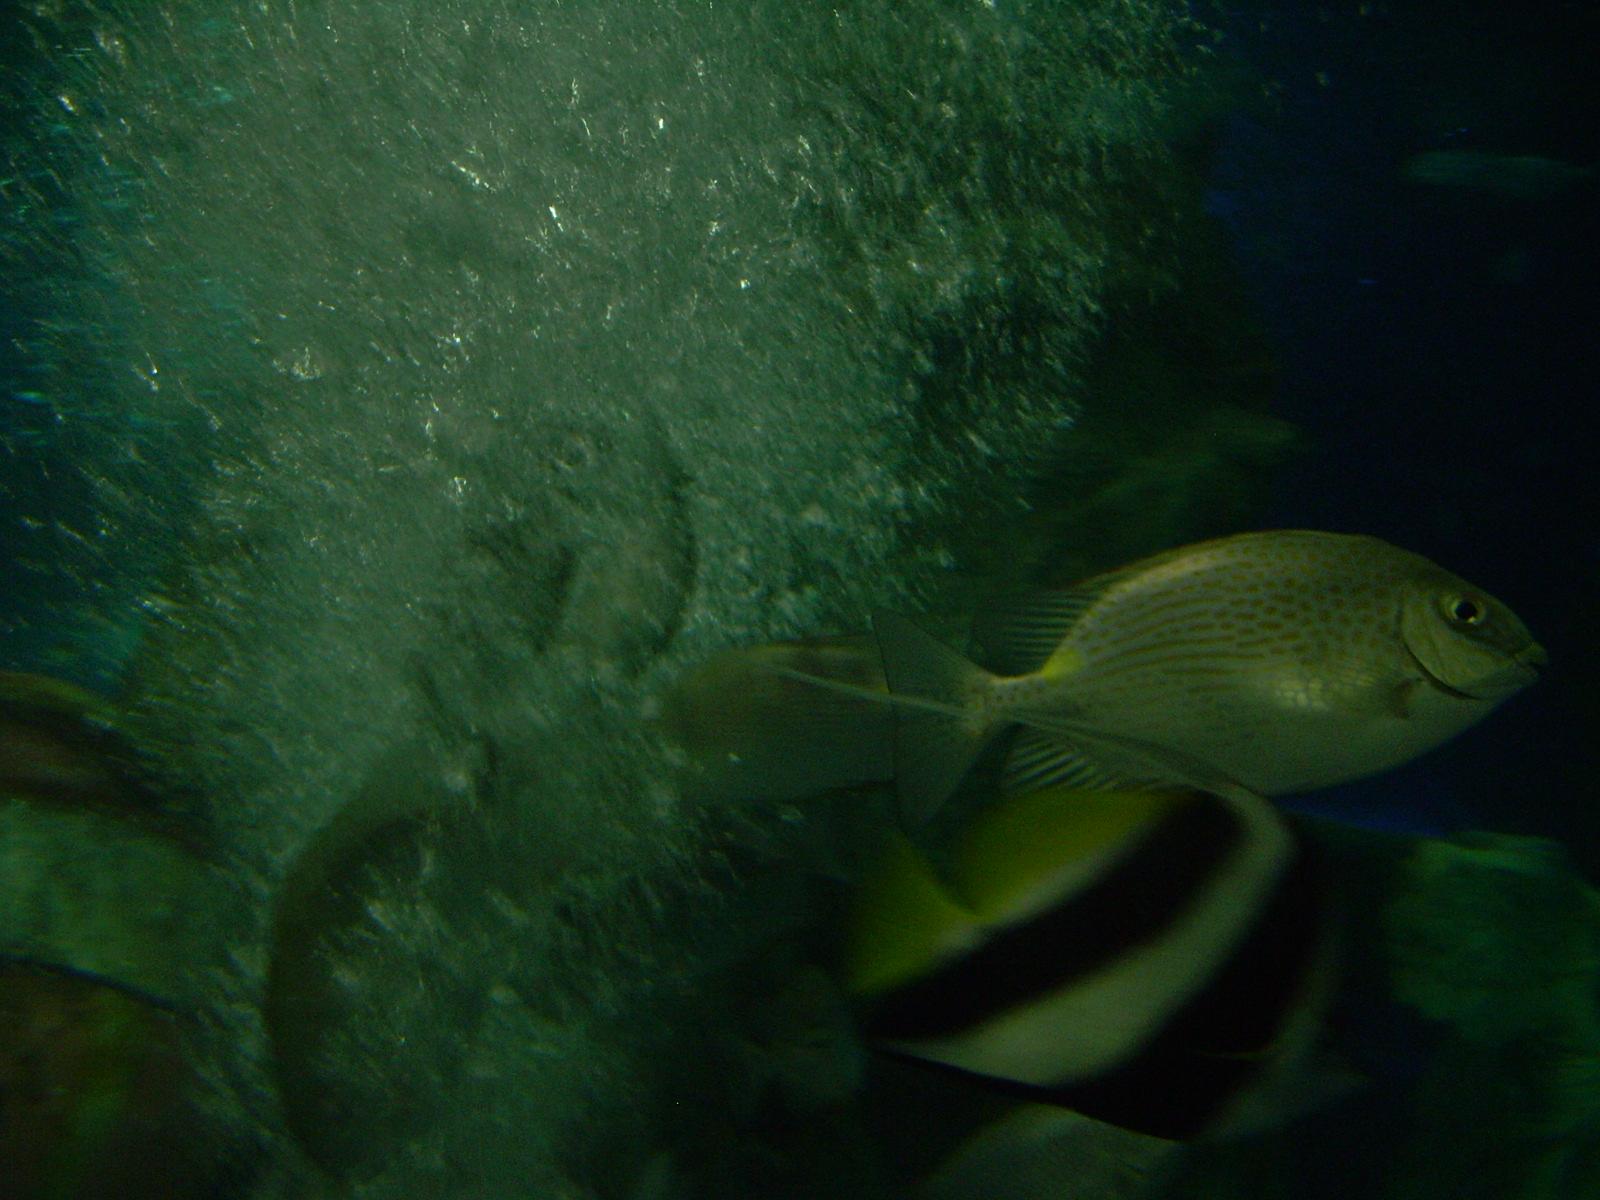 太平洋海底世界的最精华部分是海底隧道,太平洋海底世界里的海底隧道